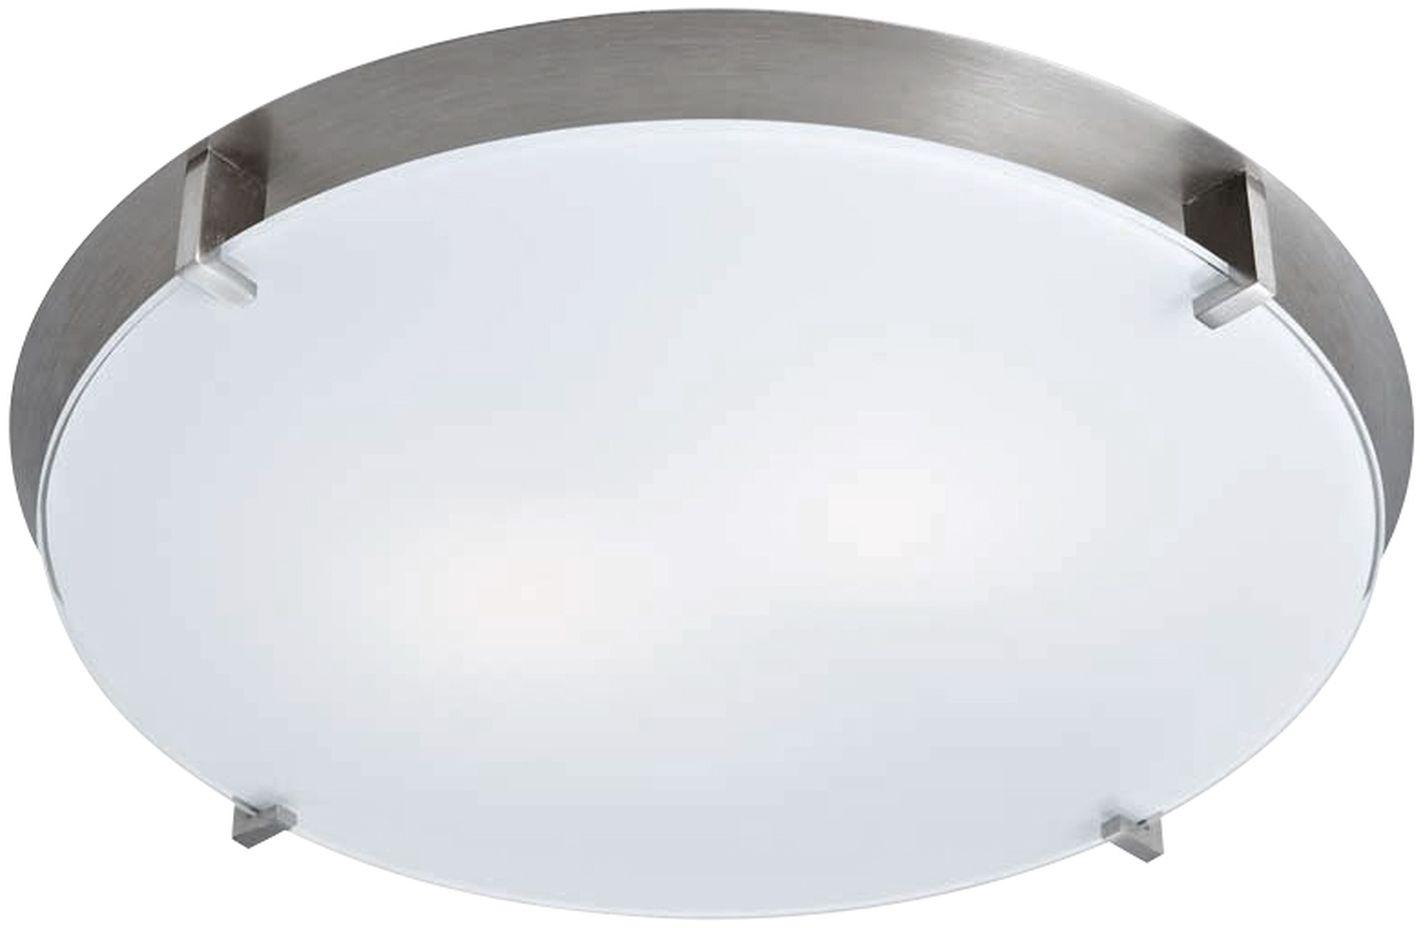 Candellux FRENA 12-05410 plafon lampa sufitowa satyna nikiel szklany klosz mleczny 1X60W E27 30cm